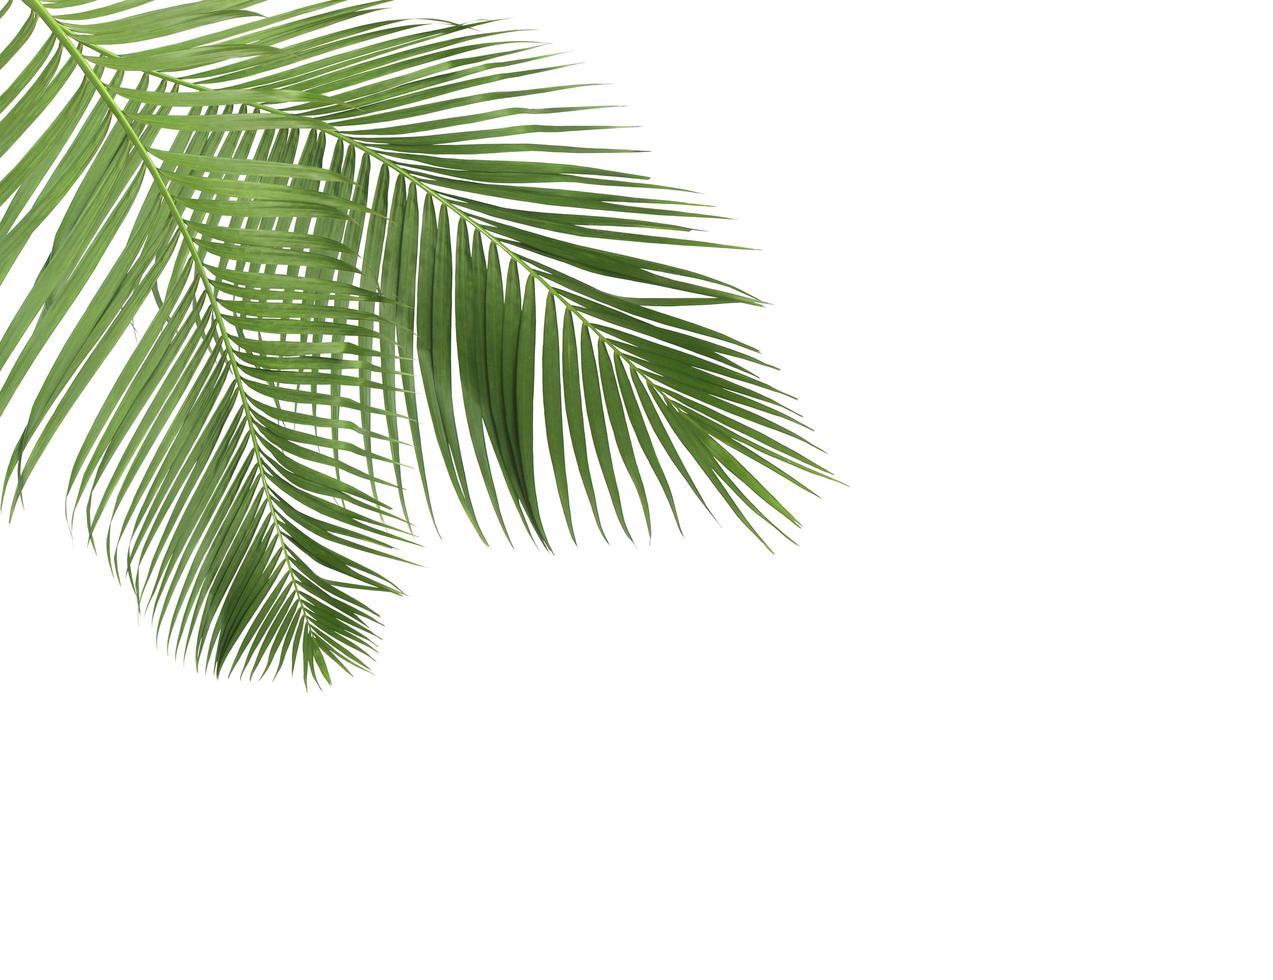 dos ramas de hojas de coco foto